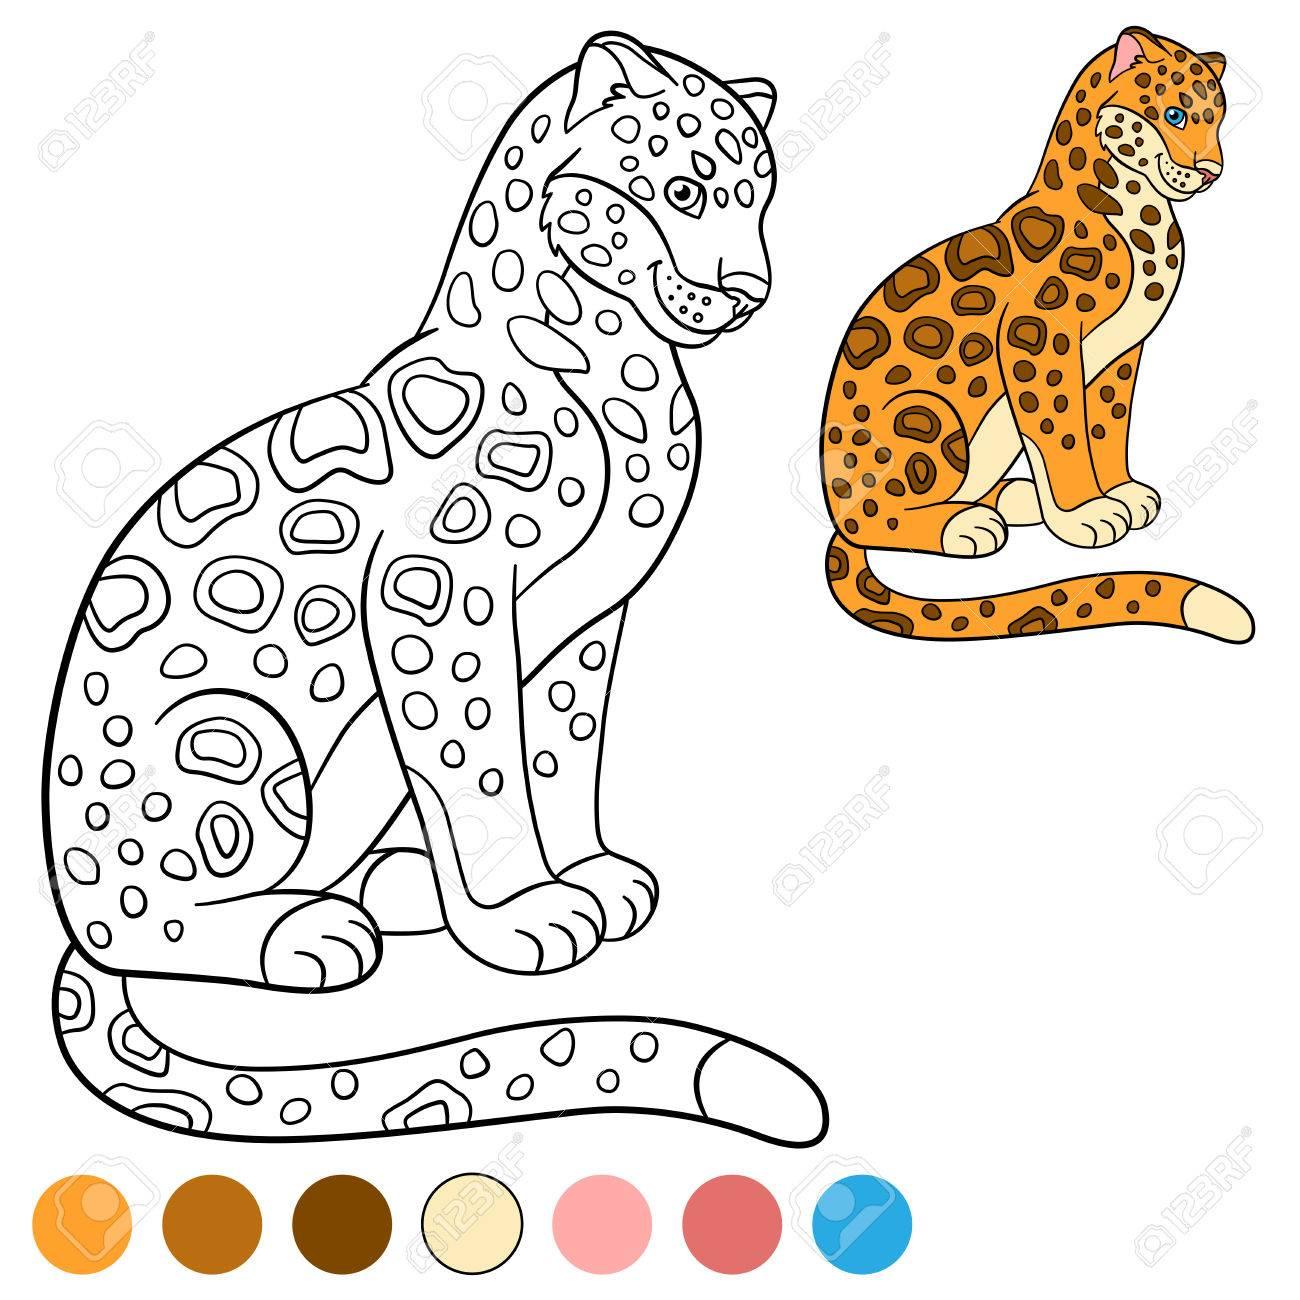 Dibujo Para Colorear Con Los Colores Jaguar Lindo Se Sienta Y Sonríe